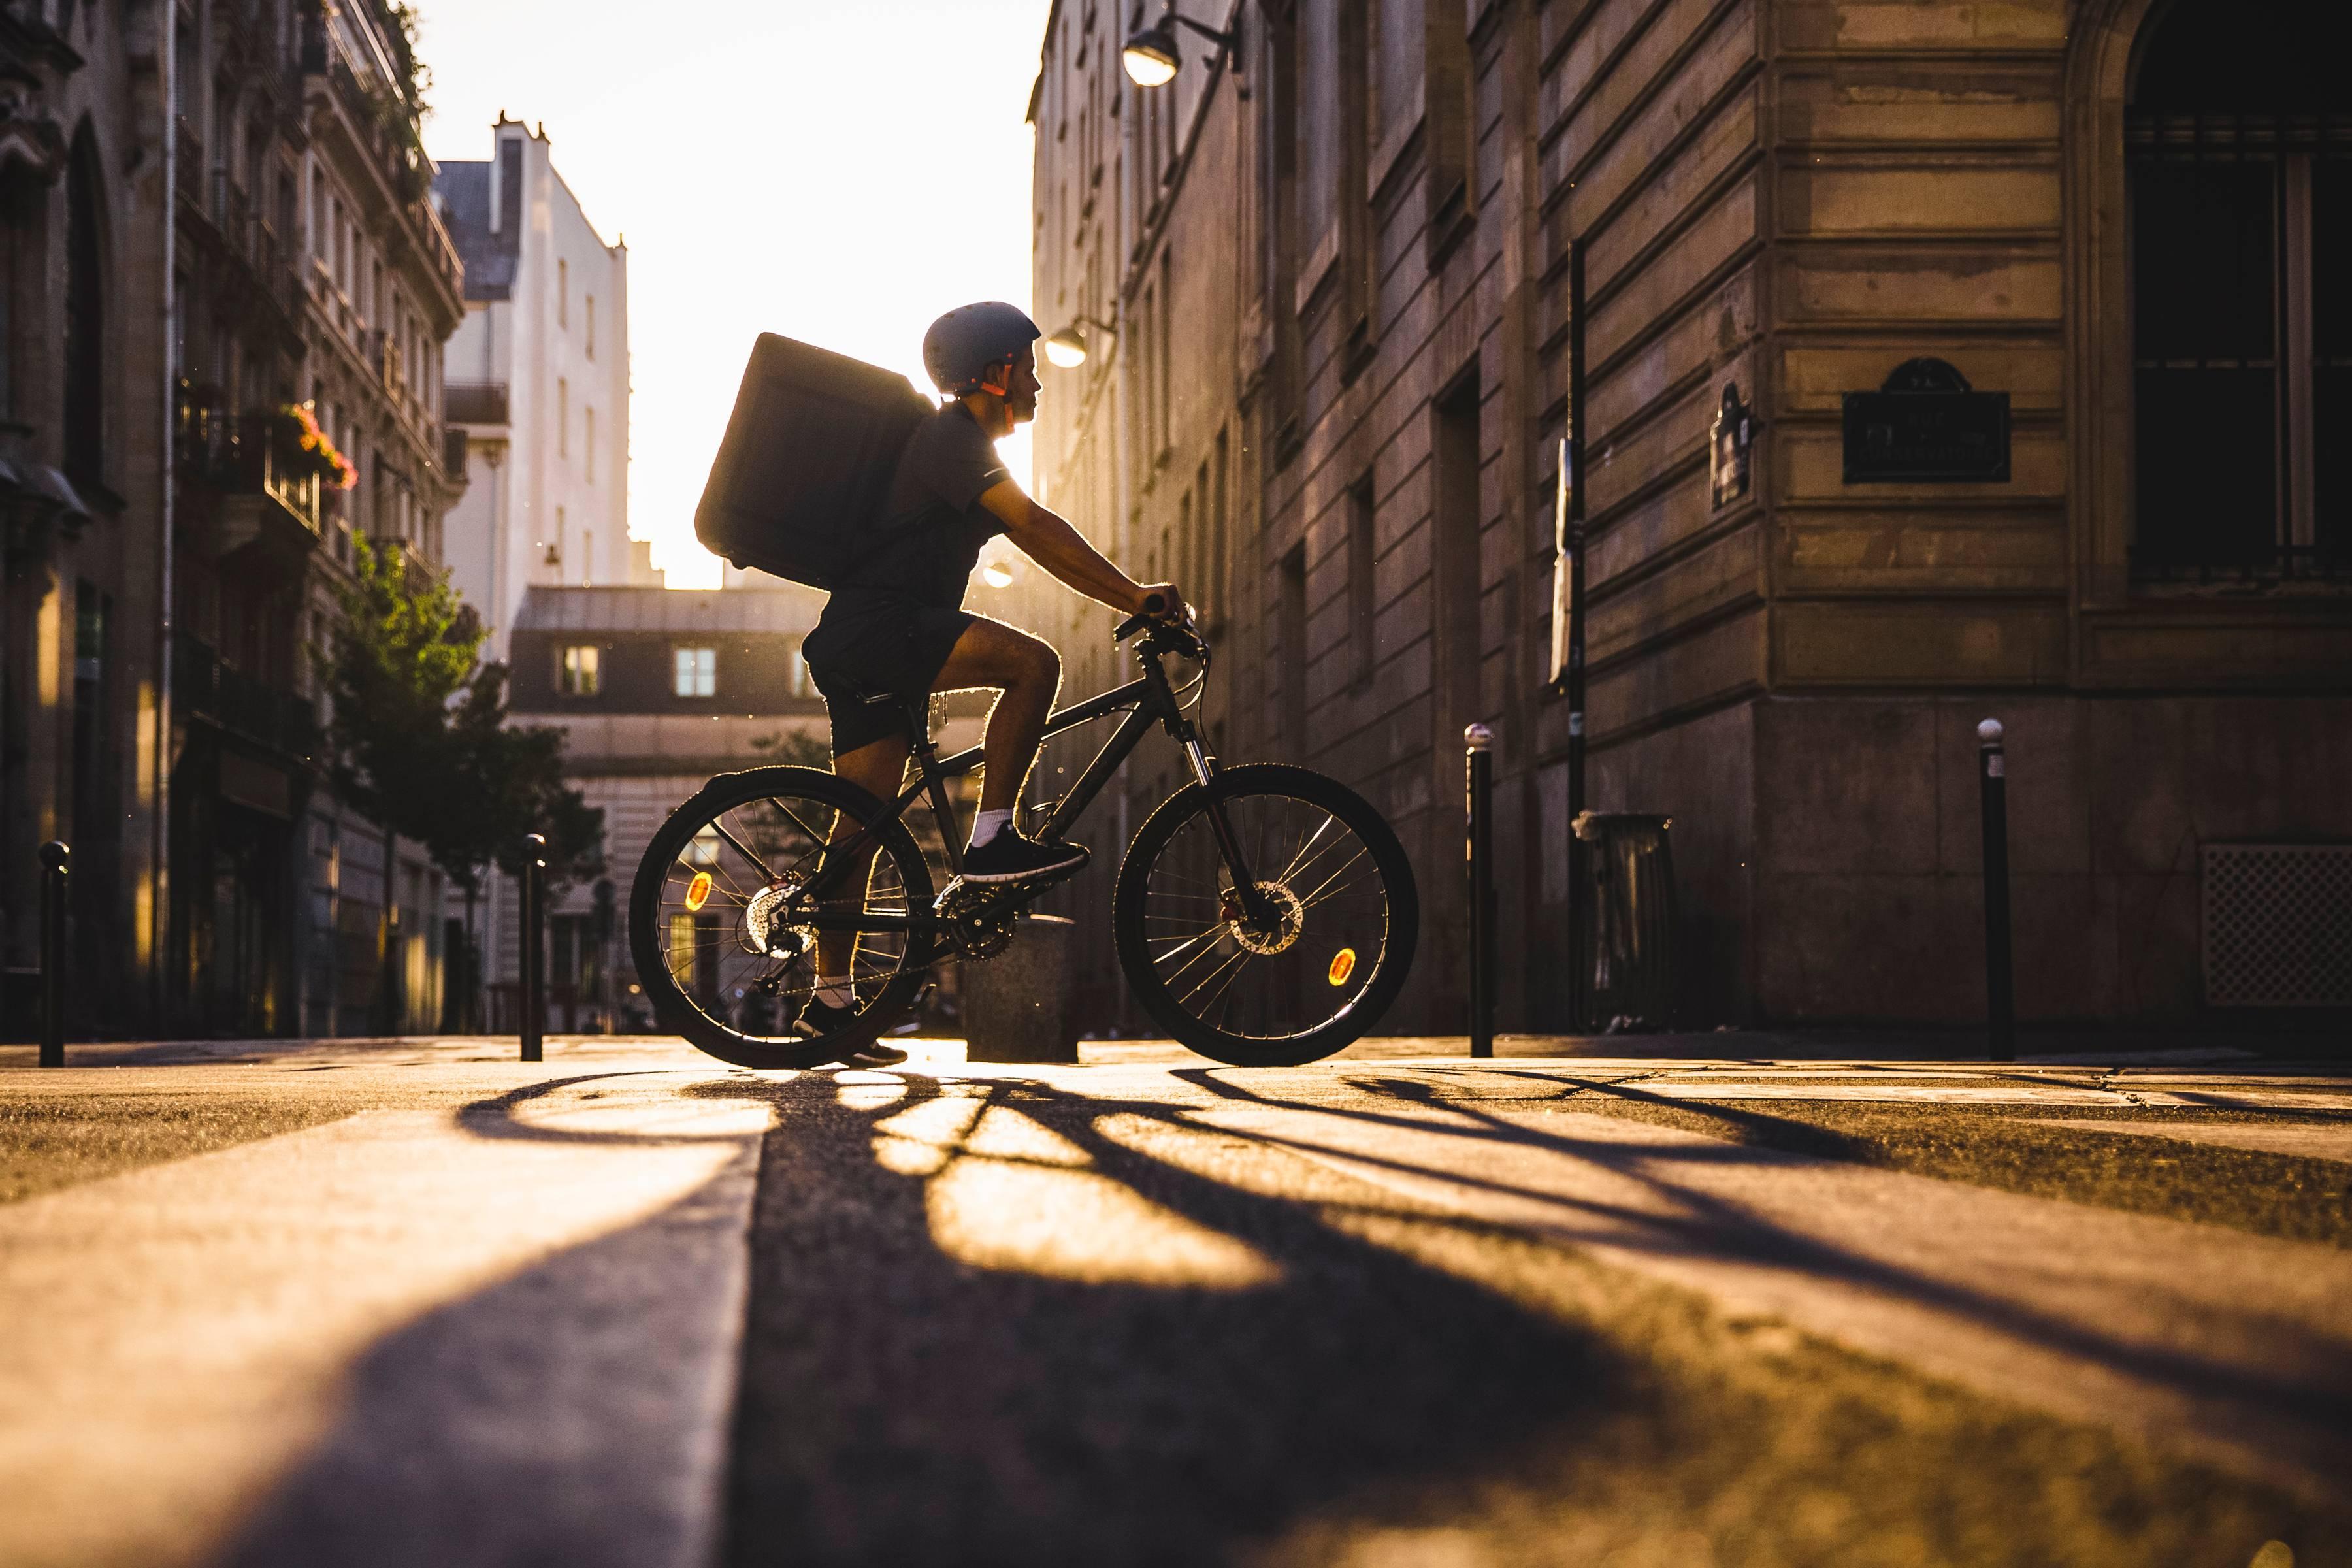 Ciclistas podem ganhar dinheiro com Uber de comida